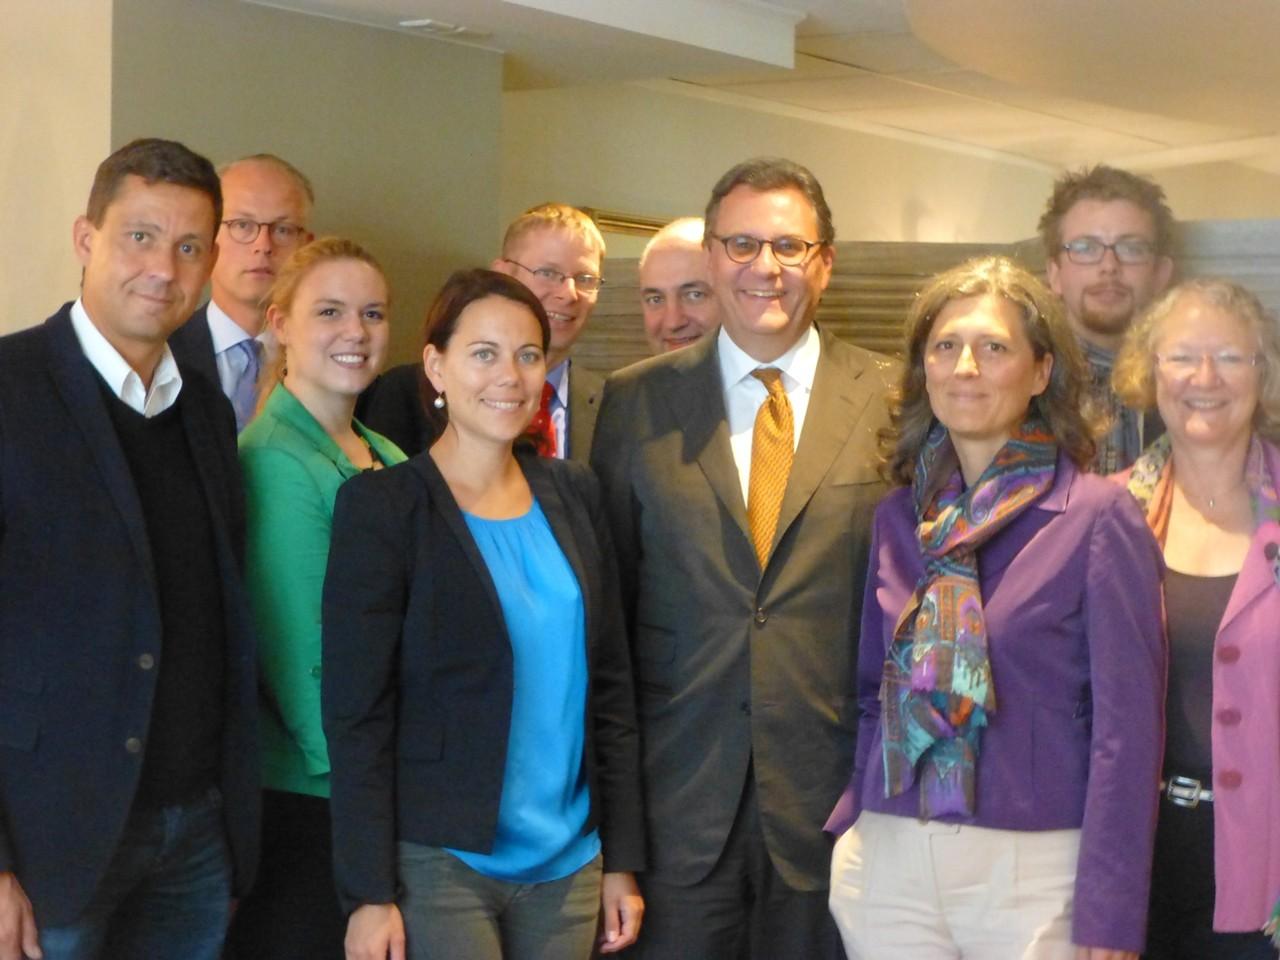 Brüssel, FDP-Auslandsgruppe Europa